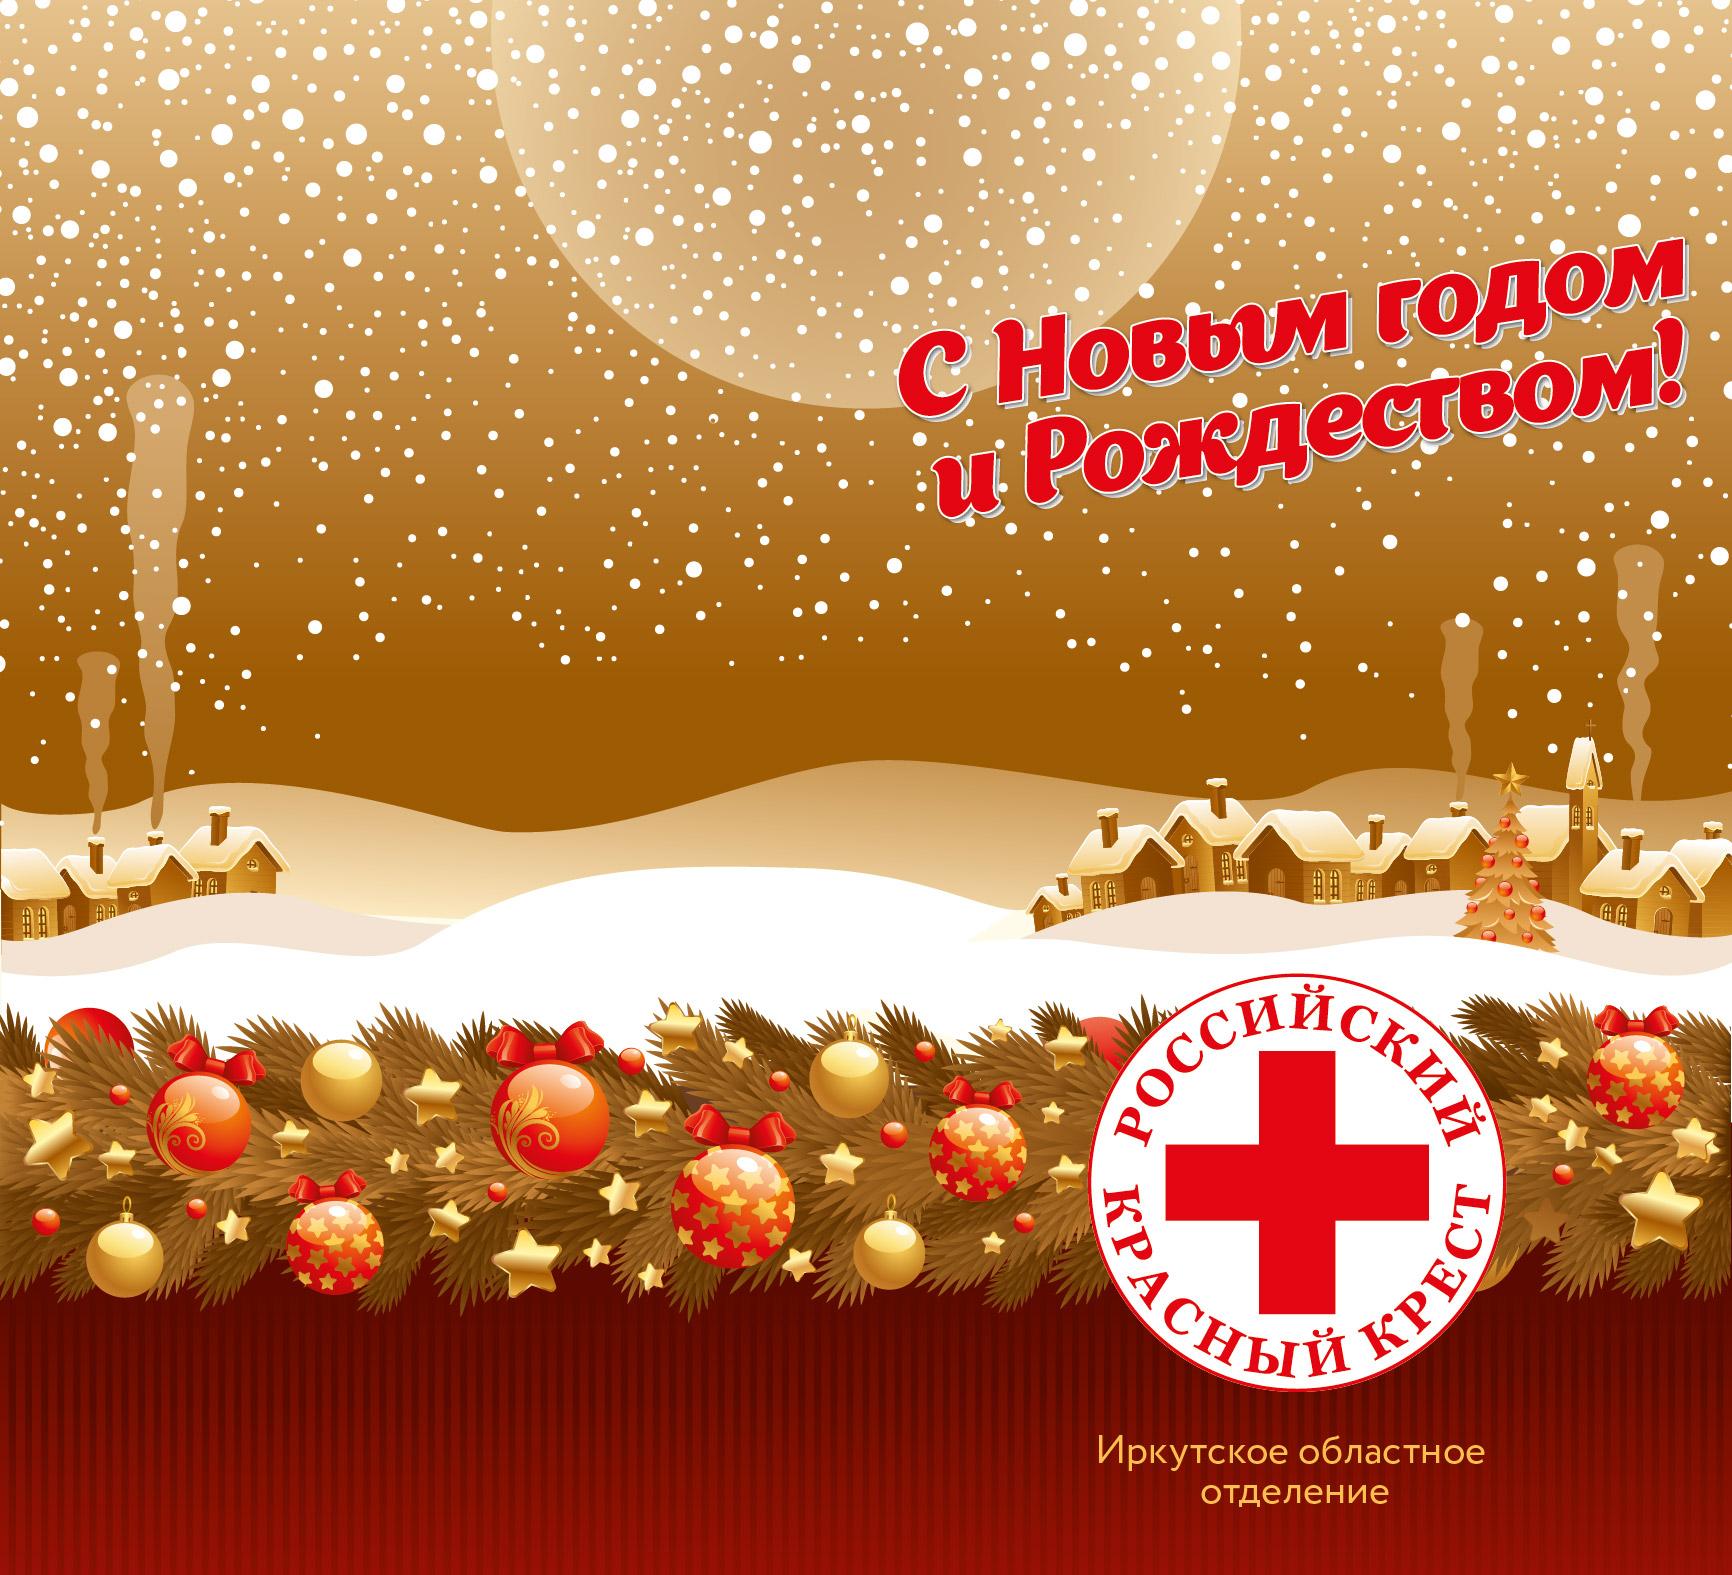 Russian Red Cross Irkursk regional branch